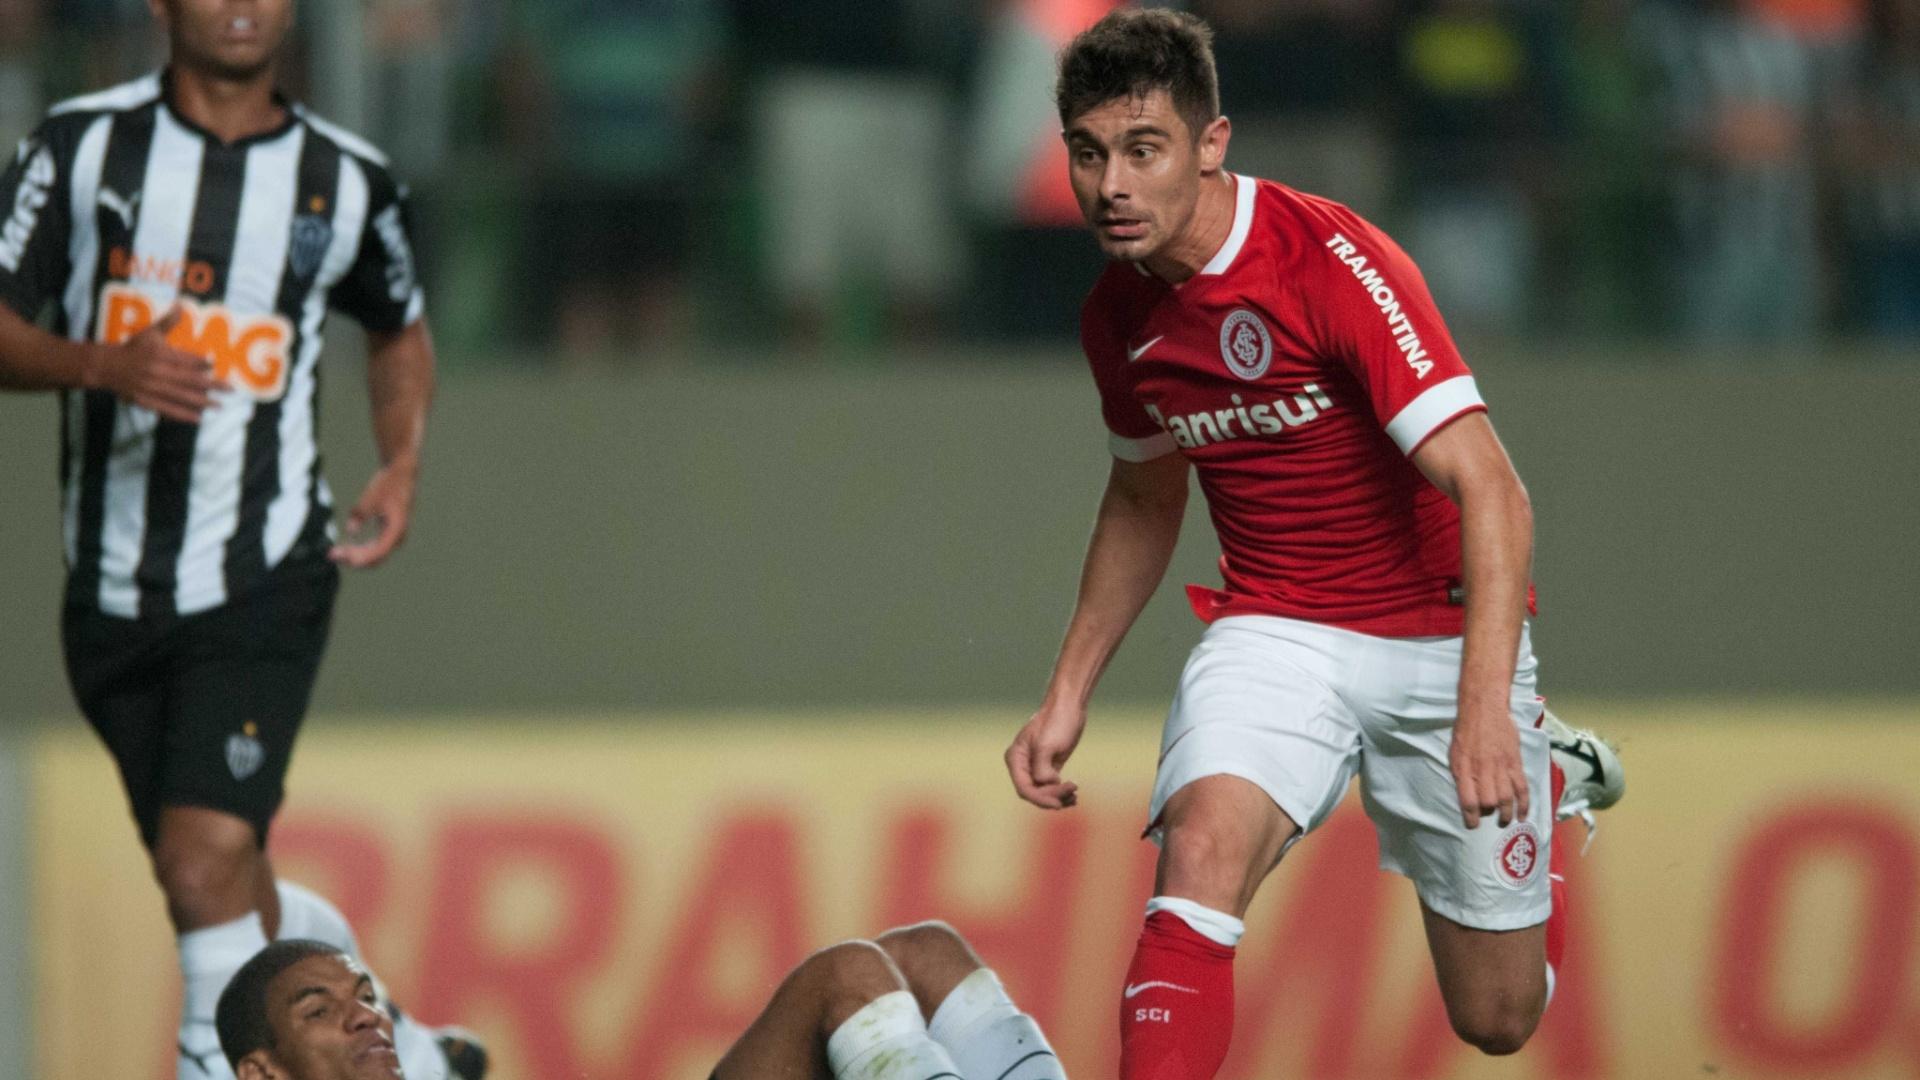 23.ago.2014 - Alex tenta passar pela marcação durante jogo Atlético-MG x Inter, no Independência